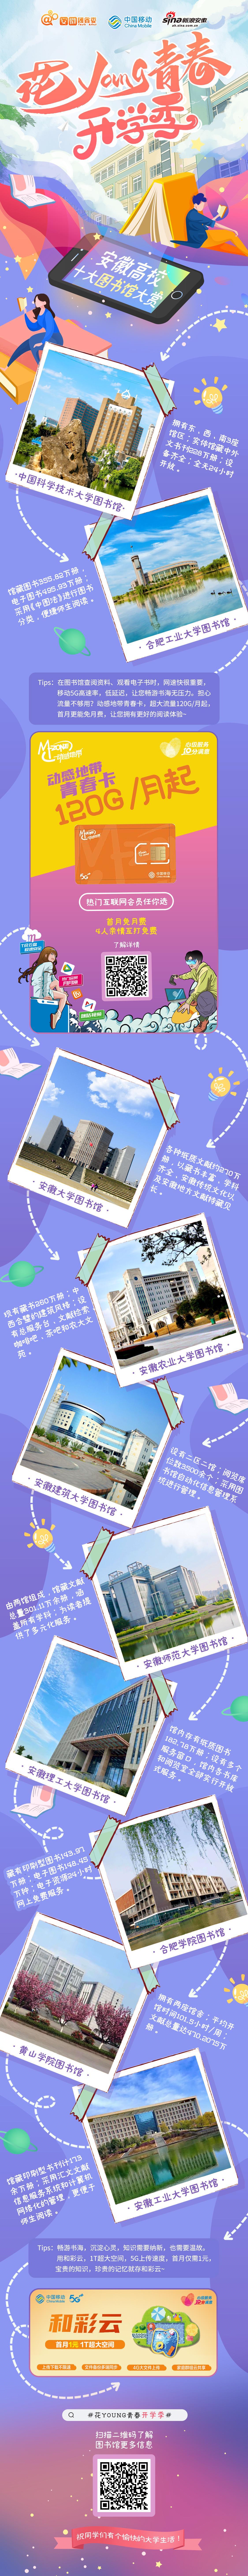 https://weibo.com/2028140243/KvcOjnDyM